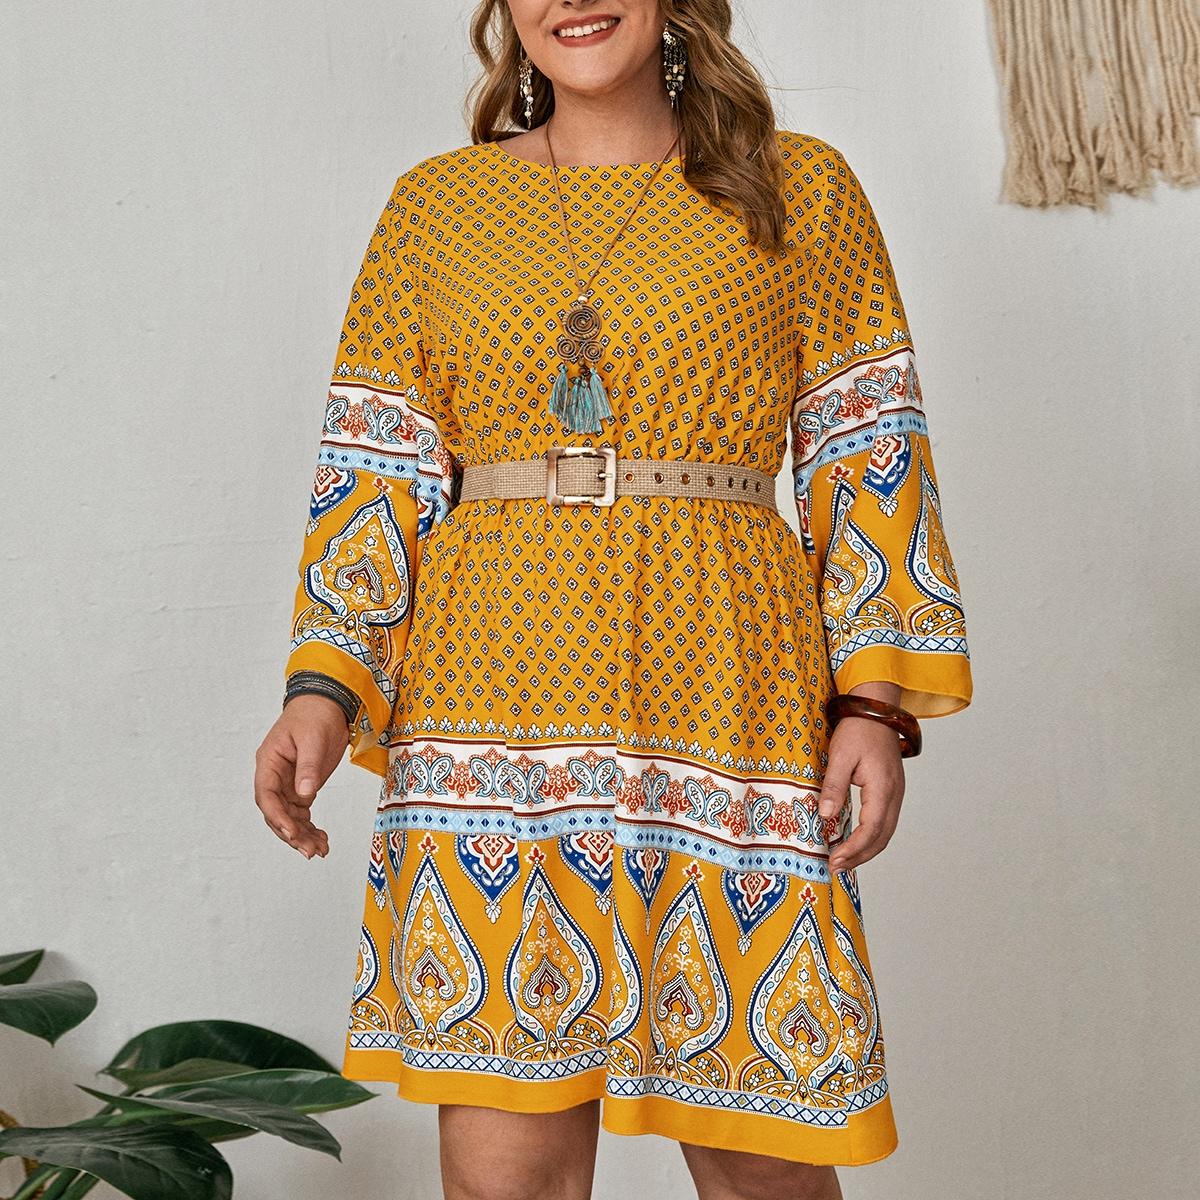 Plus Argyle & Paisley Print A-line Dress Without Belt